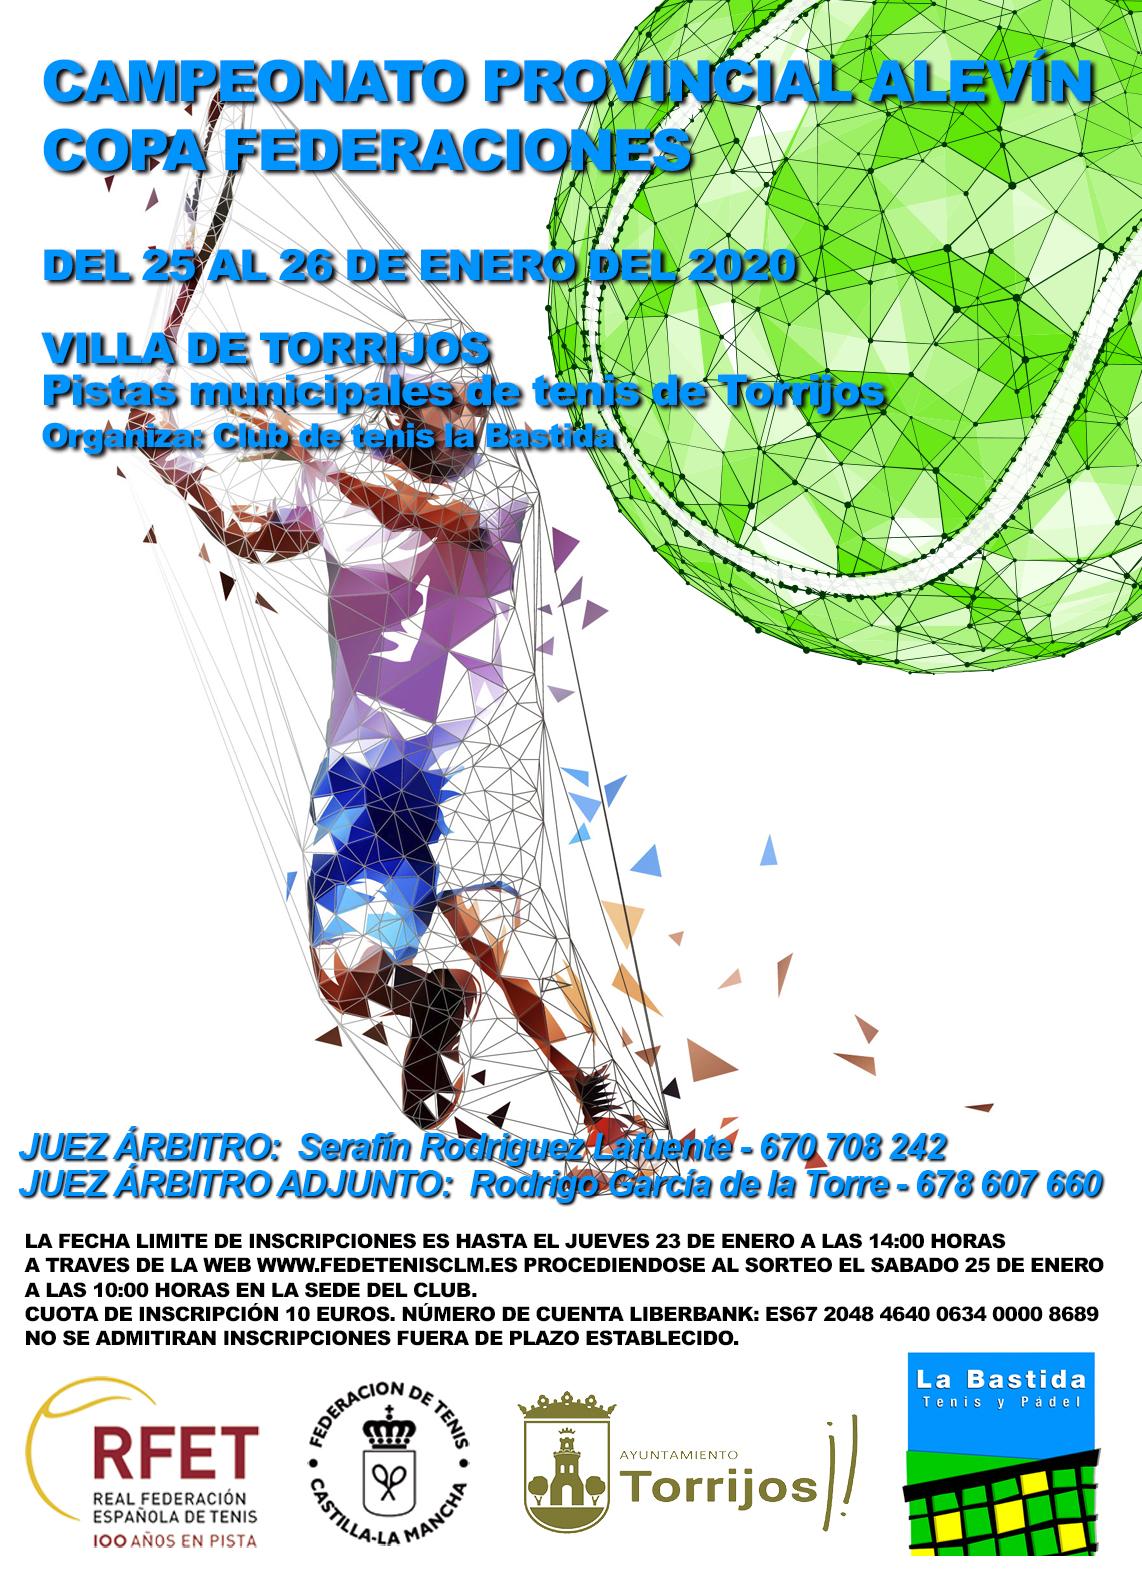 provincial-alevin-copa federaciones- torrijos